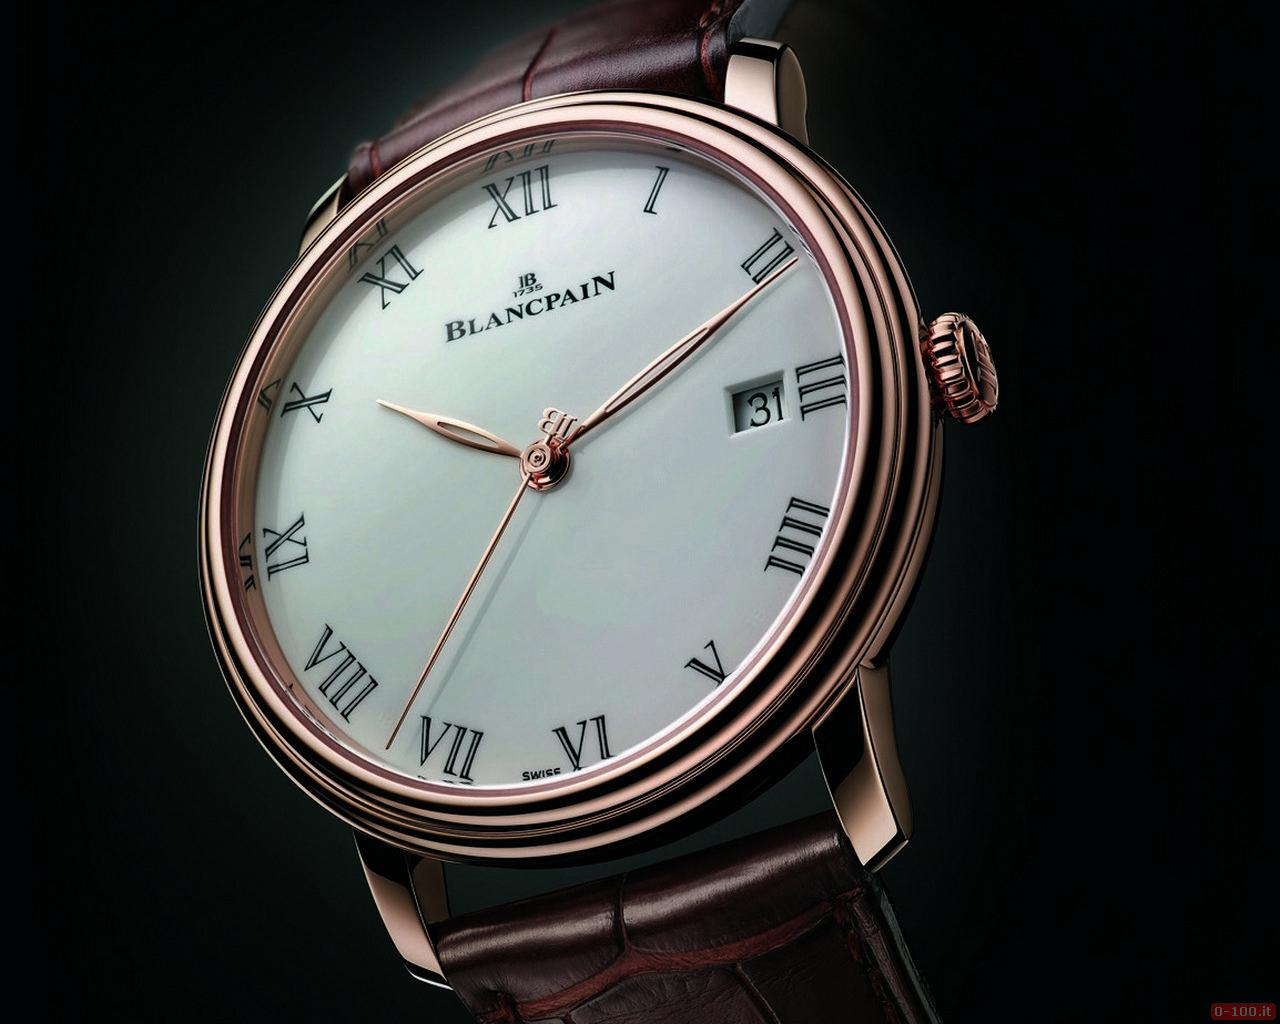 anteprima-baselworld-2014-un-nuovo-modello-blancpain-villeret-tre-lancette-con-datario-ref-6630-3631-55b_0-1003